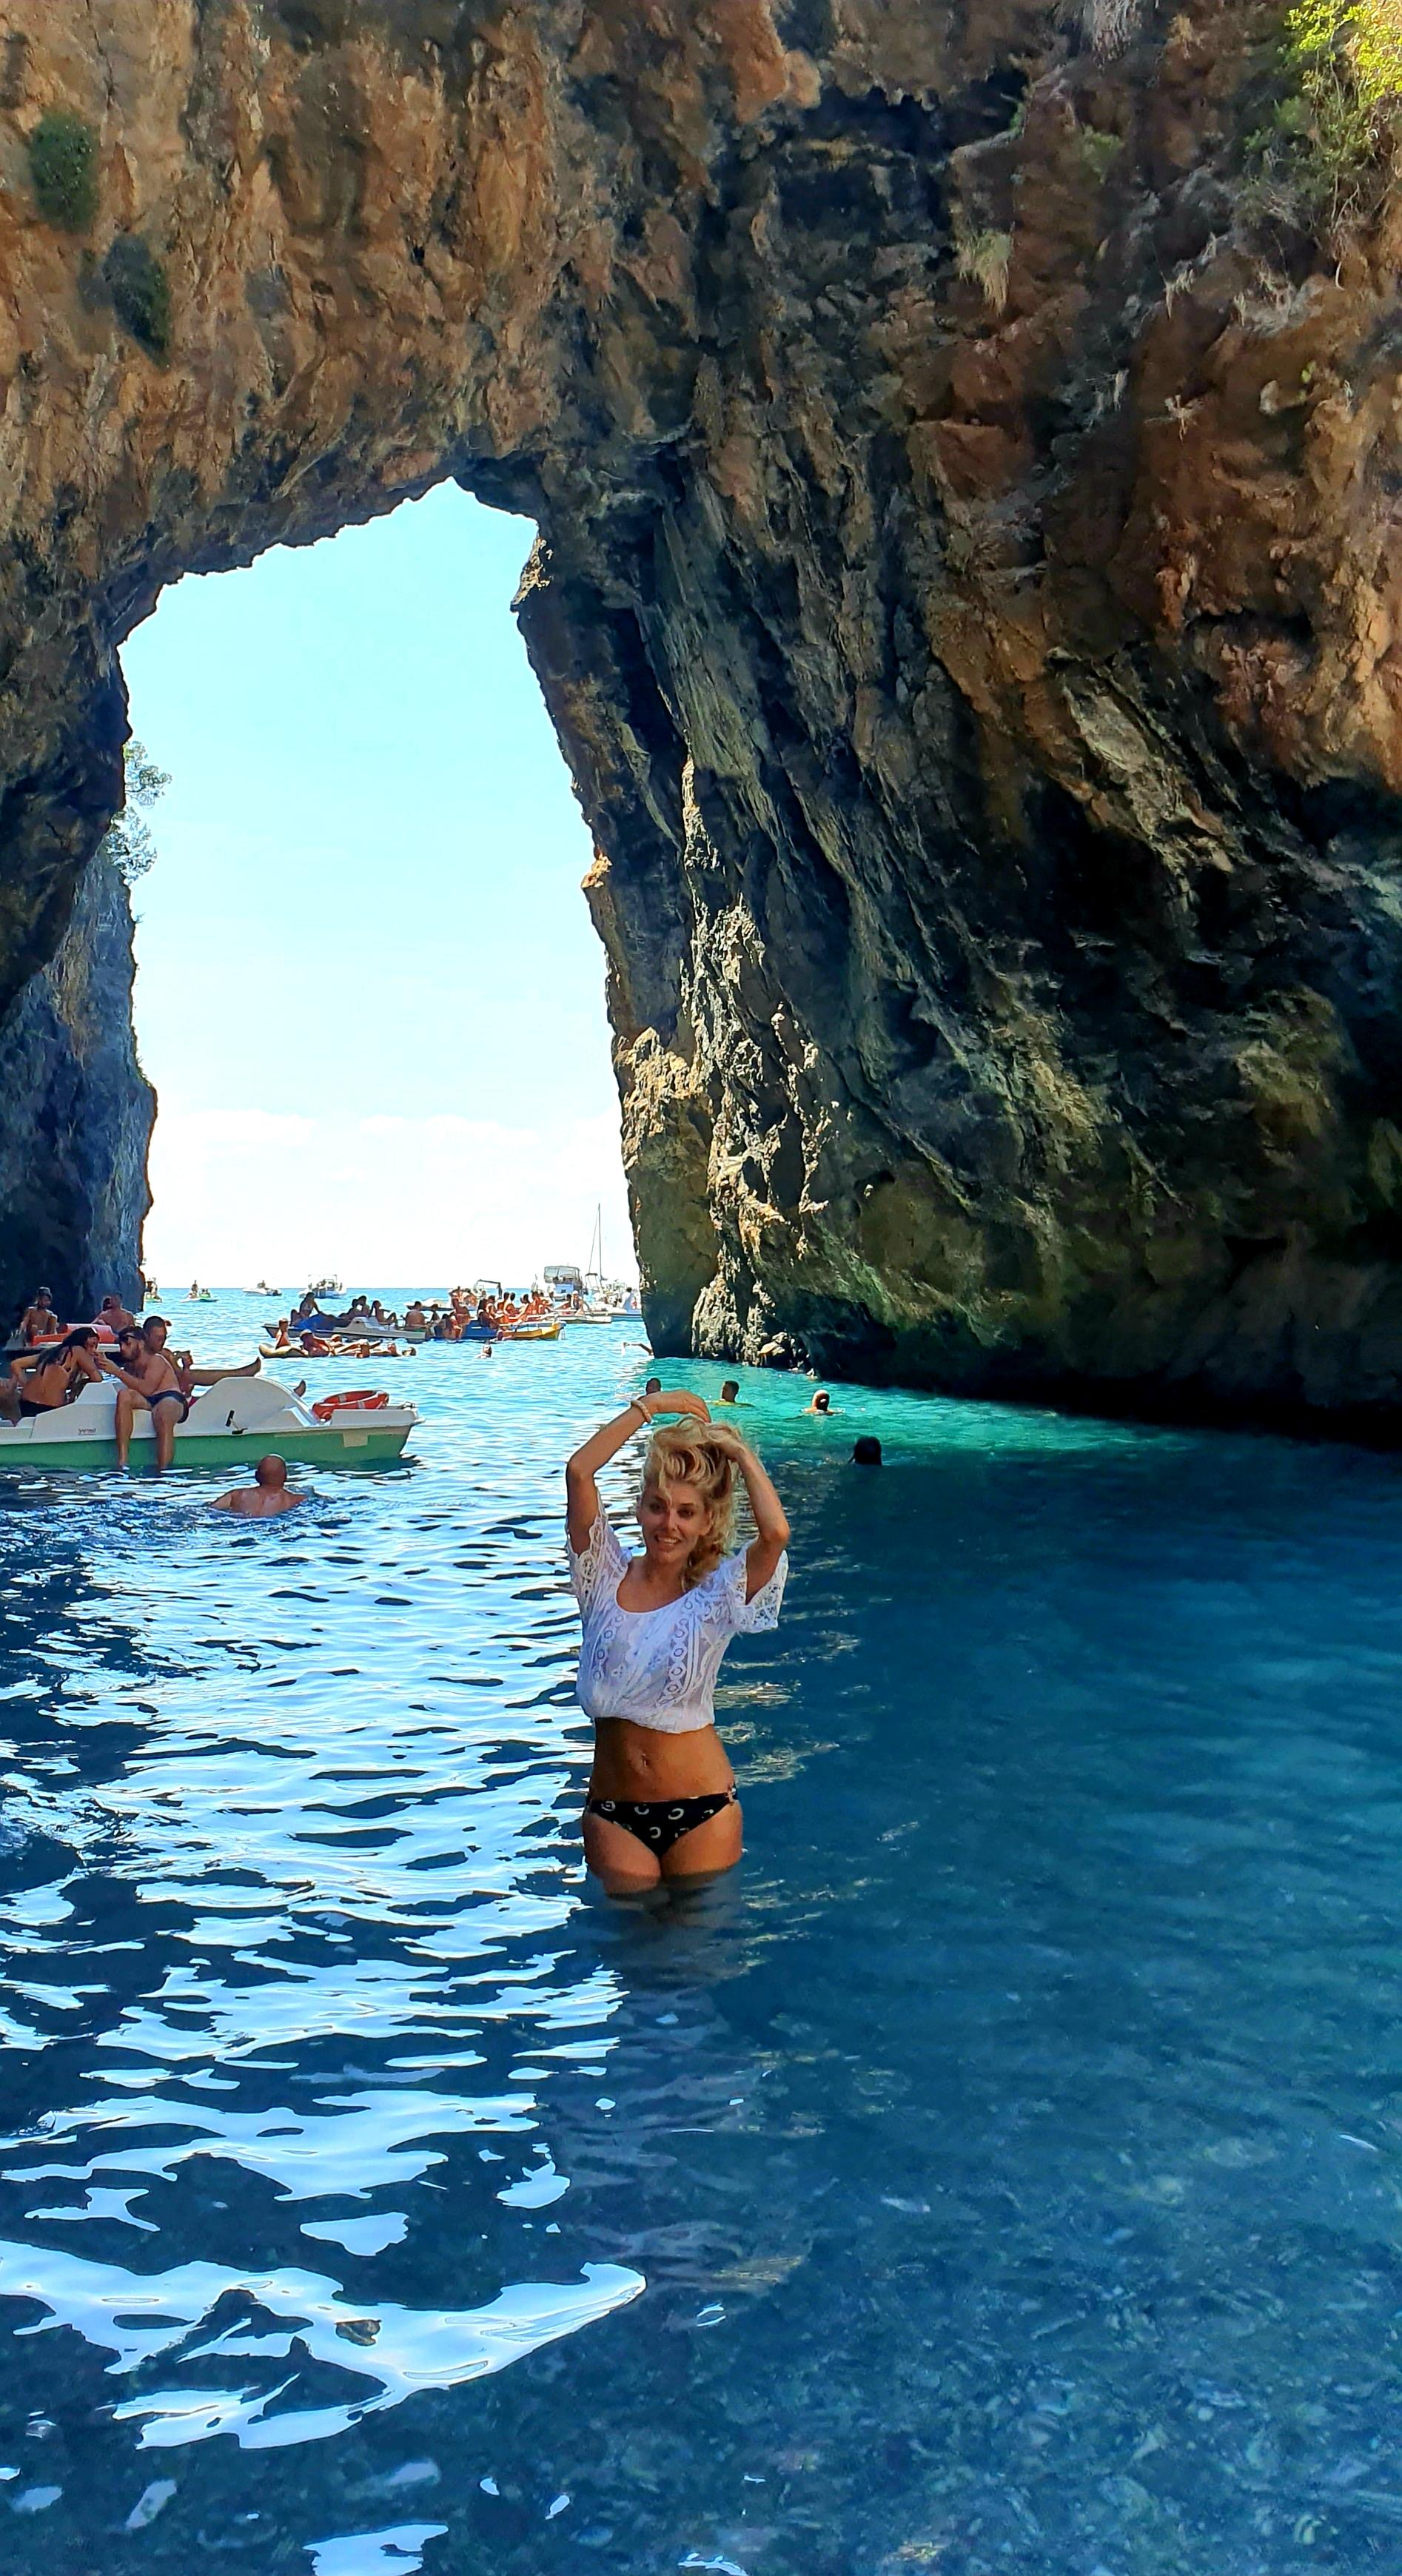 Феноменът Arco Magno в Сан Никола Арчела и красивите плажове в Южна Италия – Порто Чезарио и Пунта Прошуто